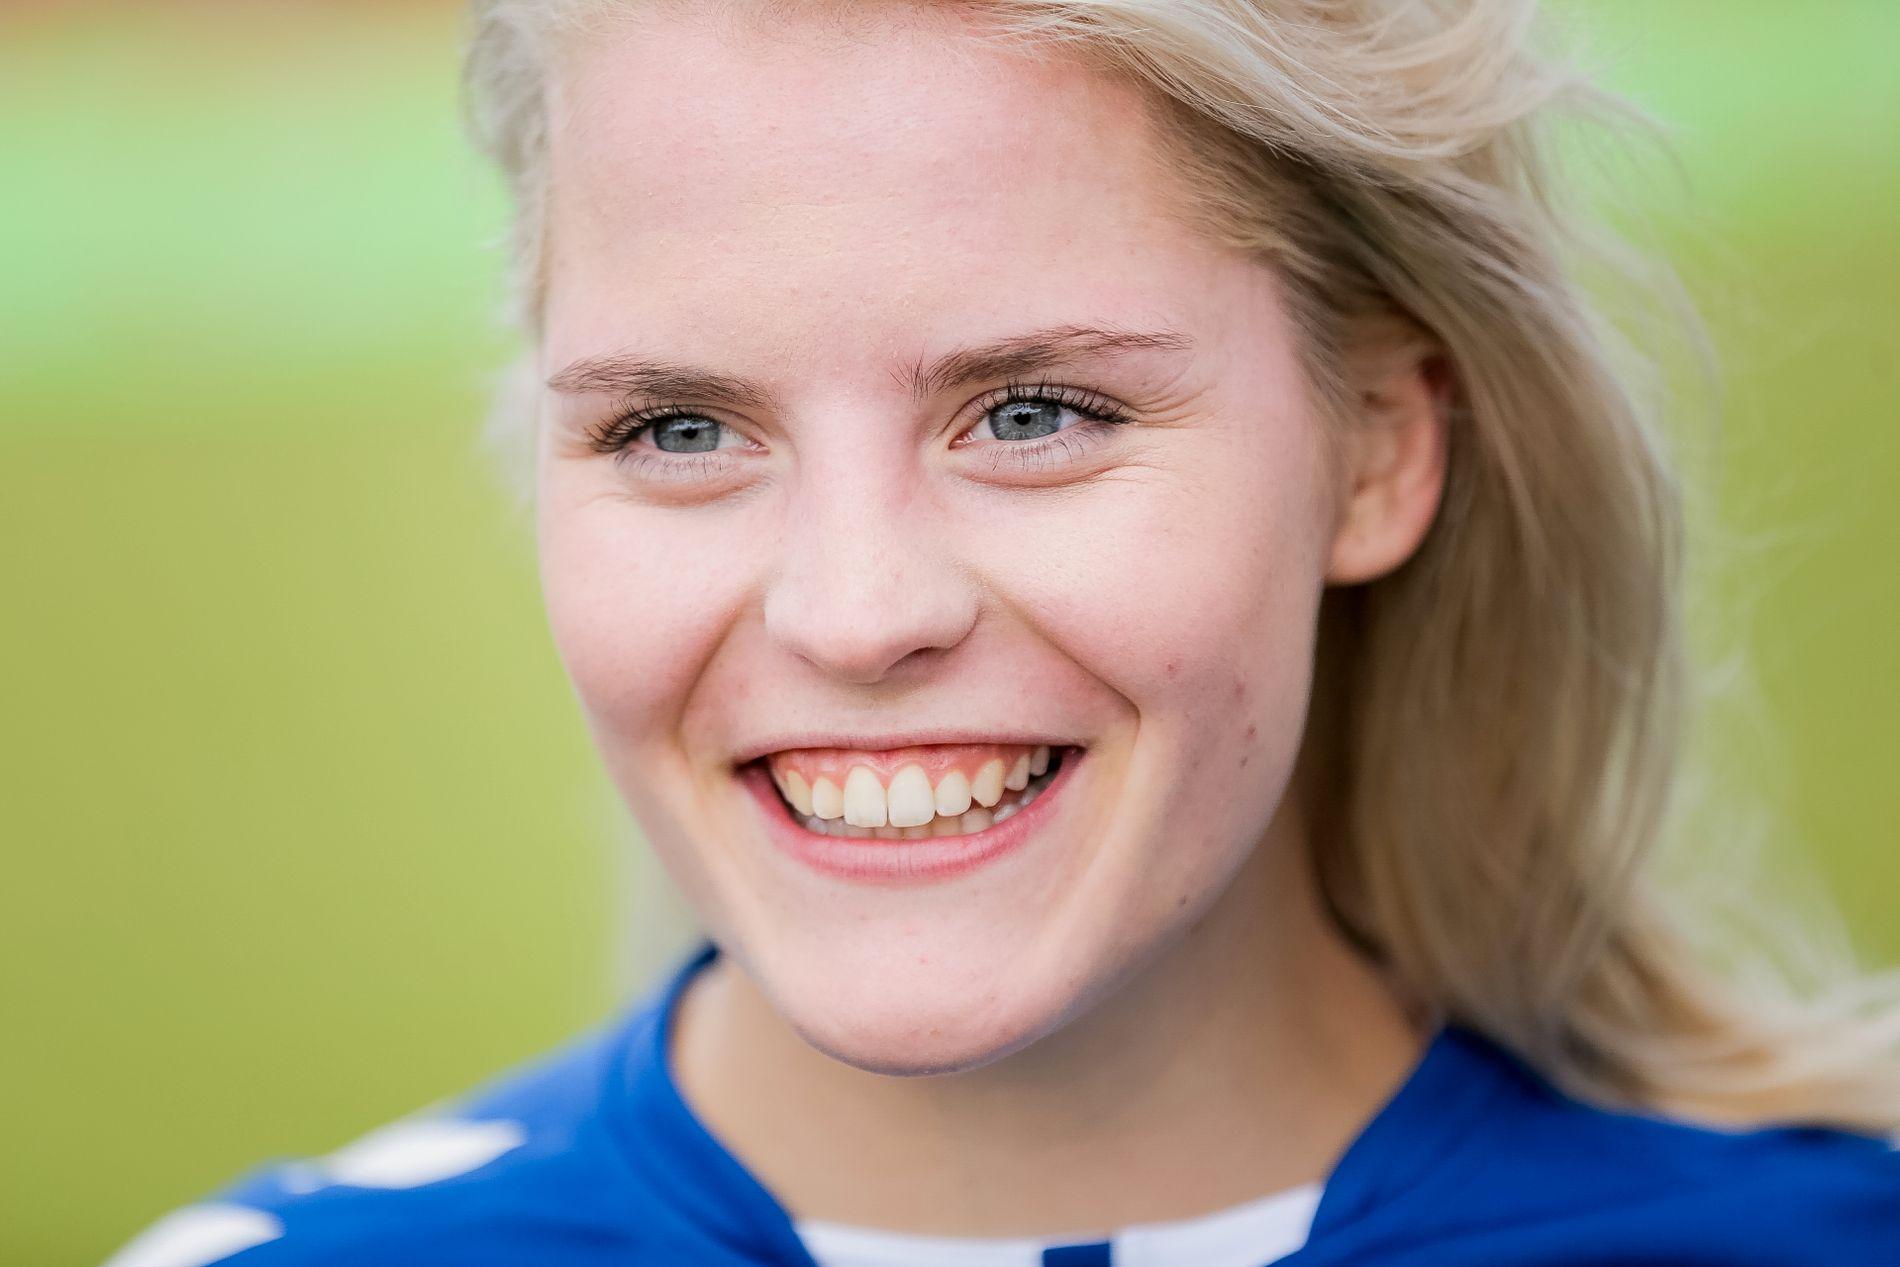 AKTIV: Ulrikke Falch vil fortsette å bruke stemmen sin til å sette fokus på feminsime, spiseforstyrrelser og psykiske lidelser. Her er hun på Verdikampen mellom kjendiser på Norway Cup i august 2016.